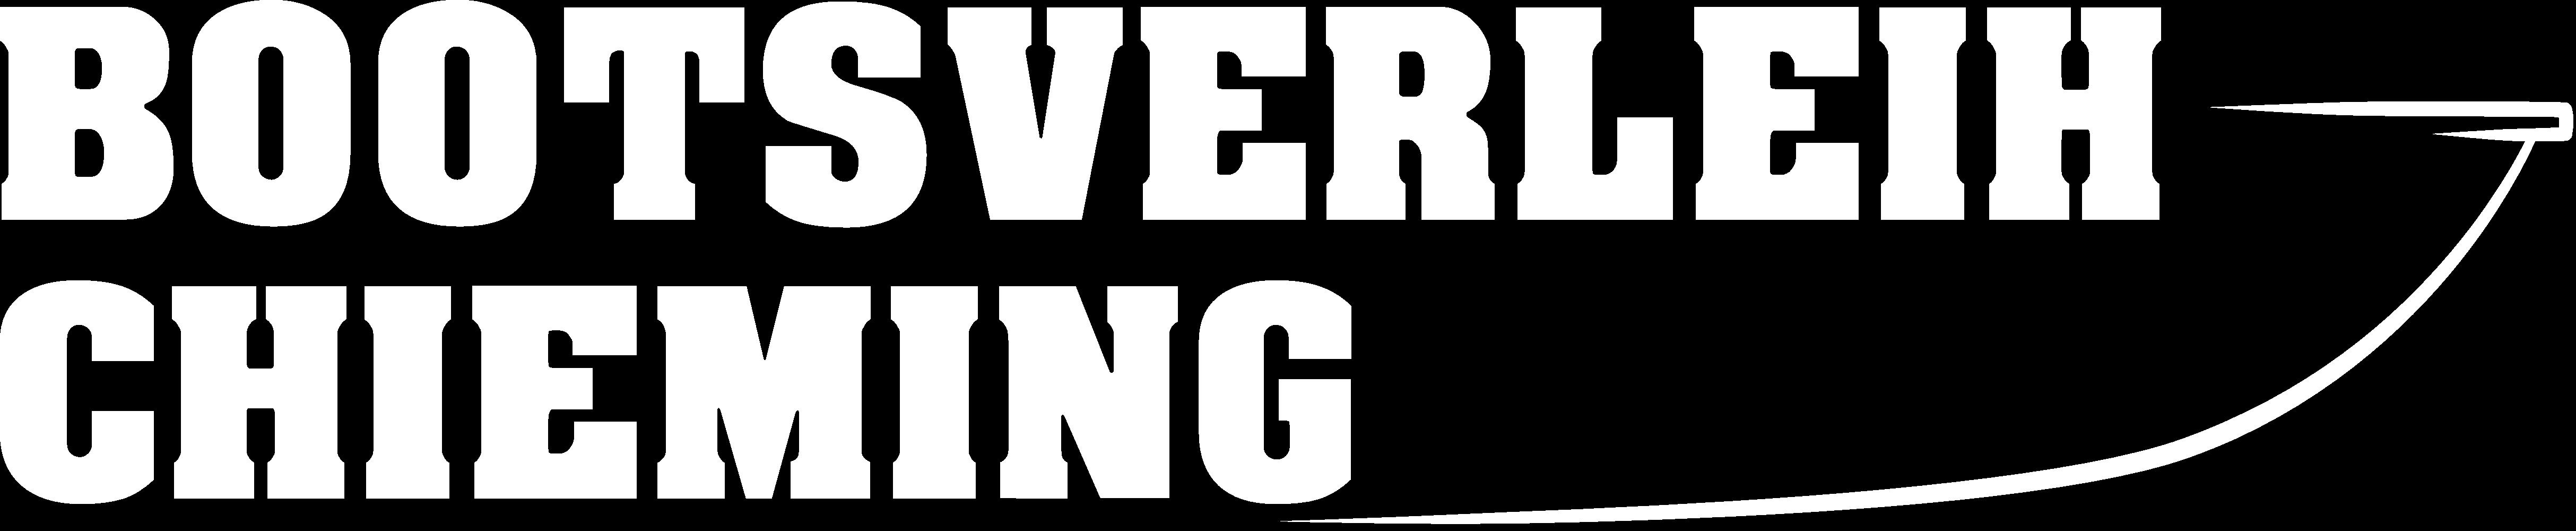 Bootsverleih Chieming